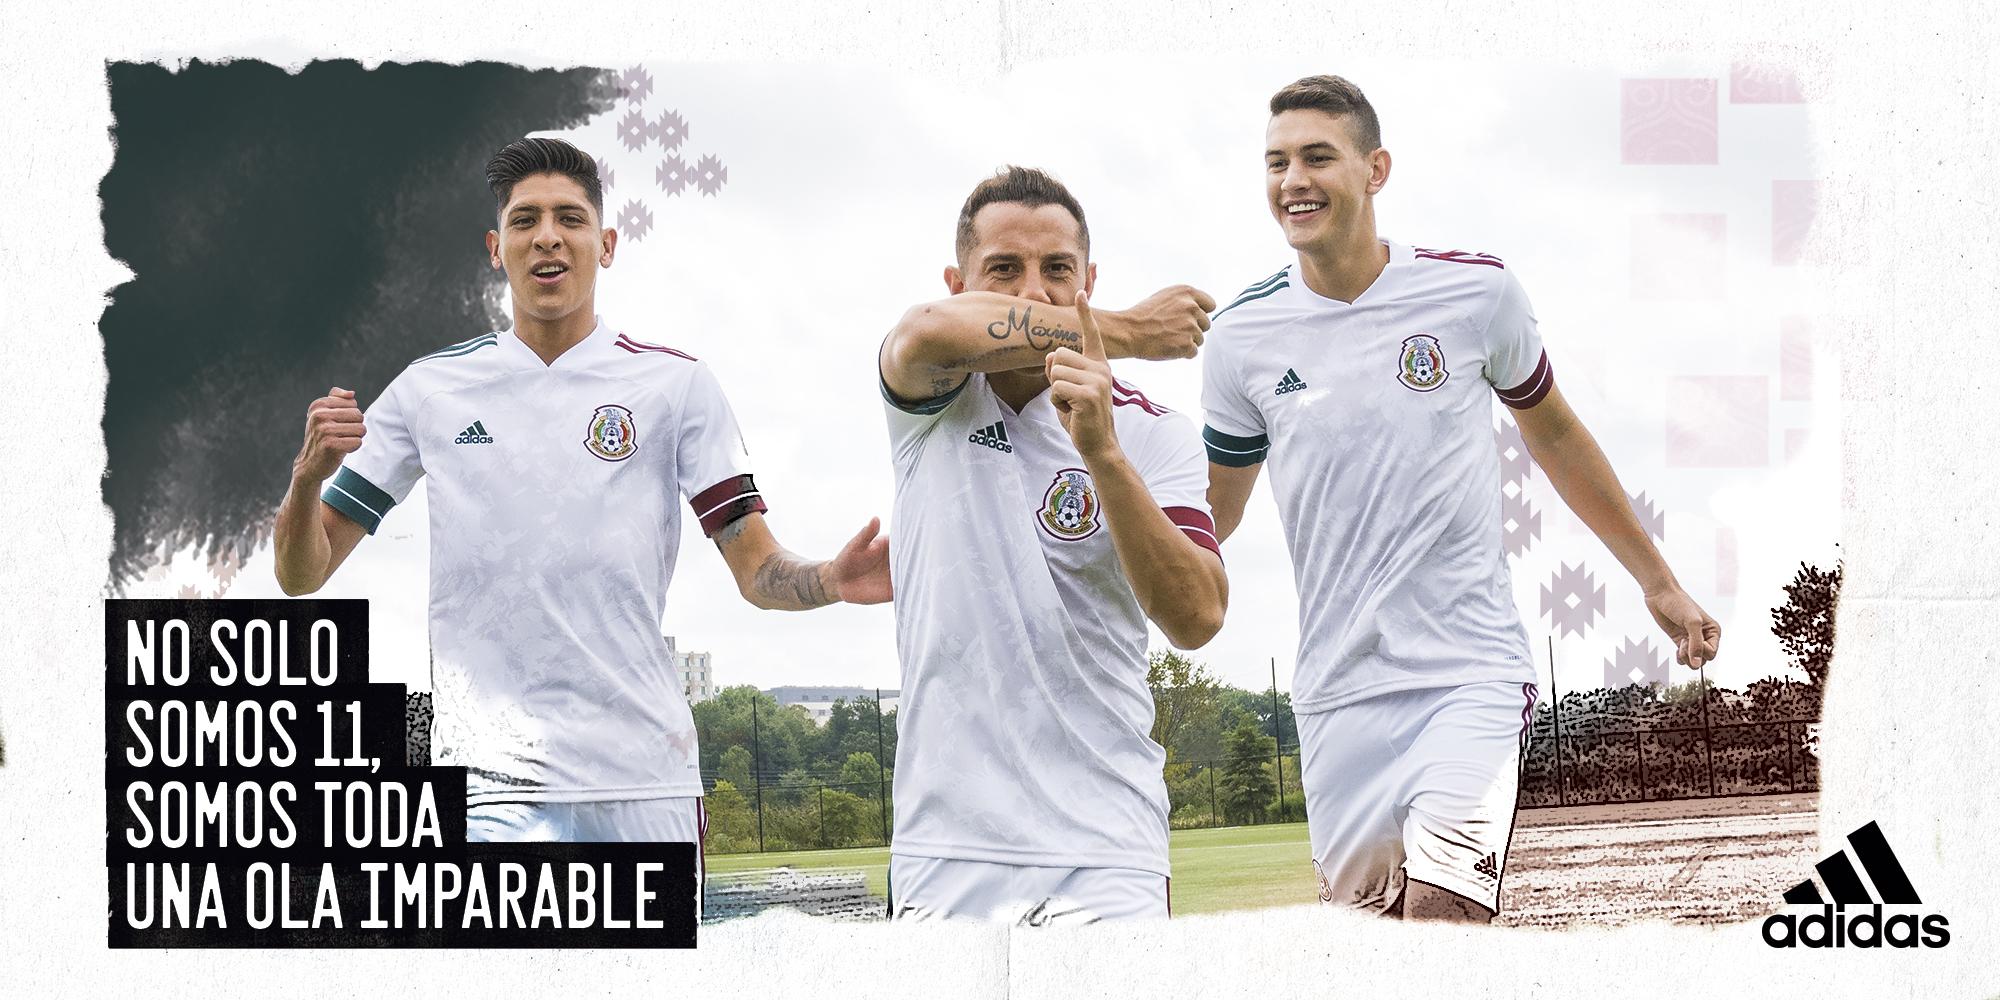 ¡Es bellísima! Este es el nuevo jersey de la Selección Mexicana